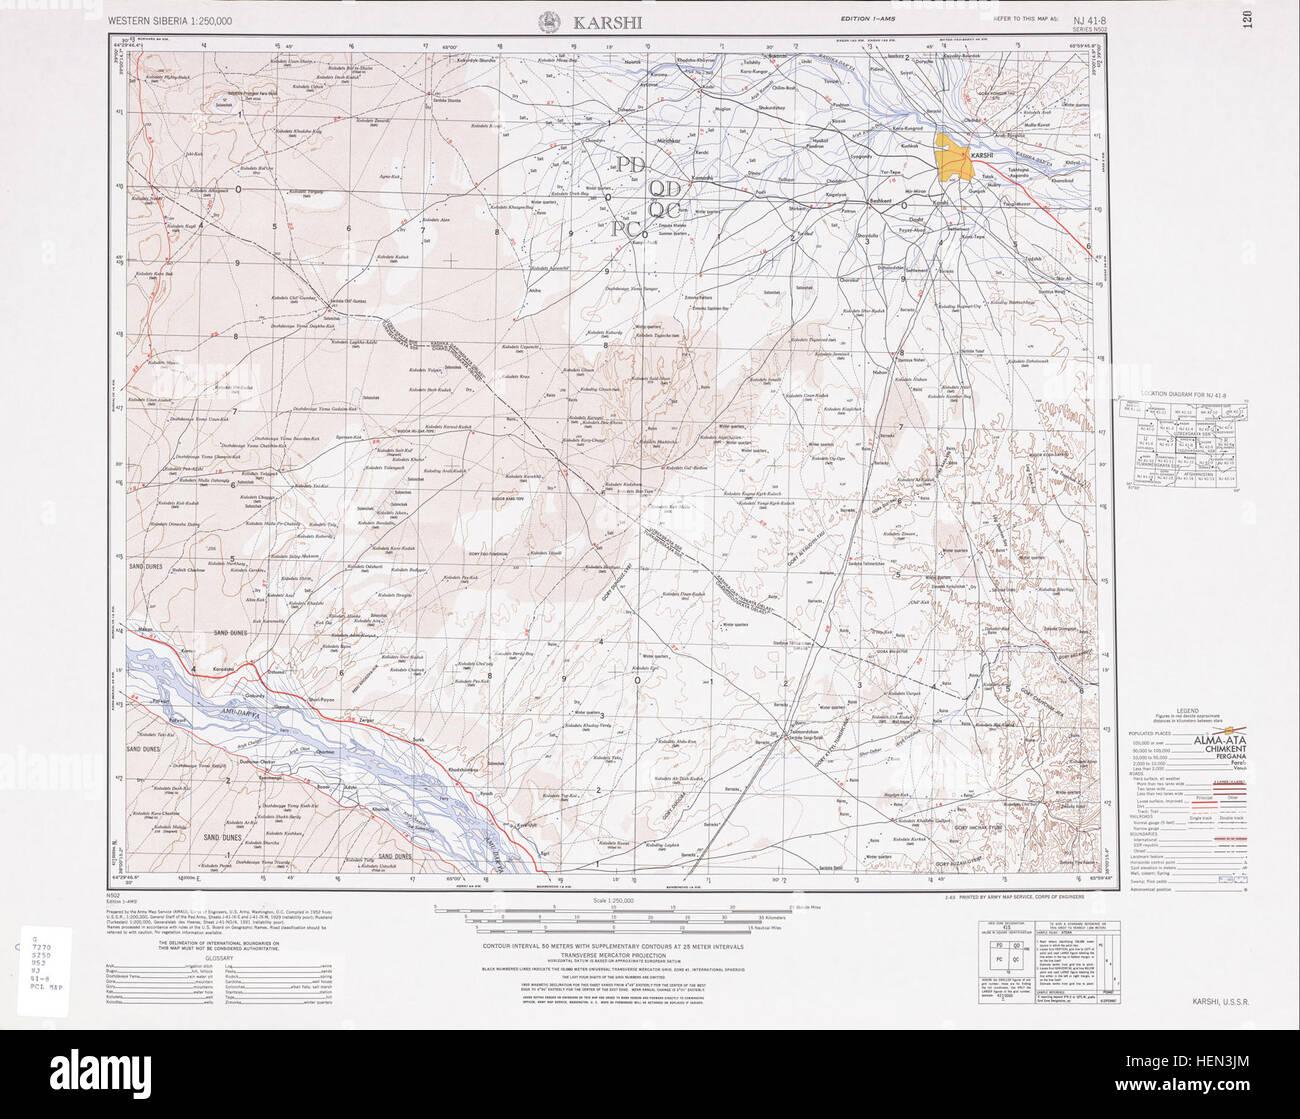 USSR map NJ 418 Karshi Stock Photo 129541628 Alamy